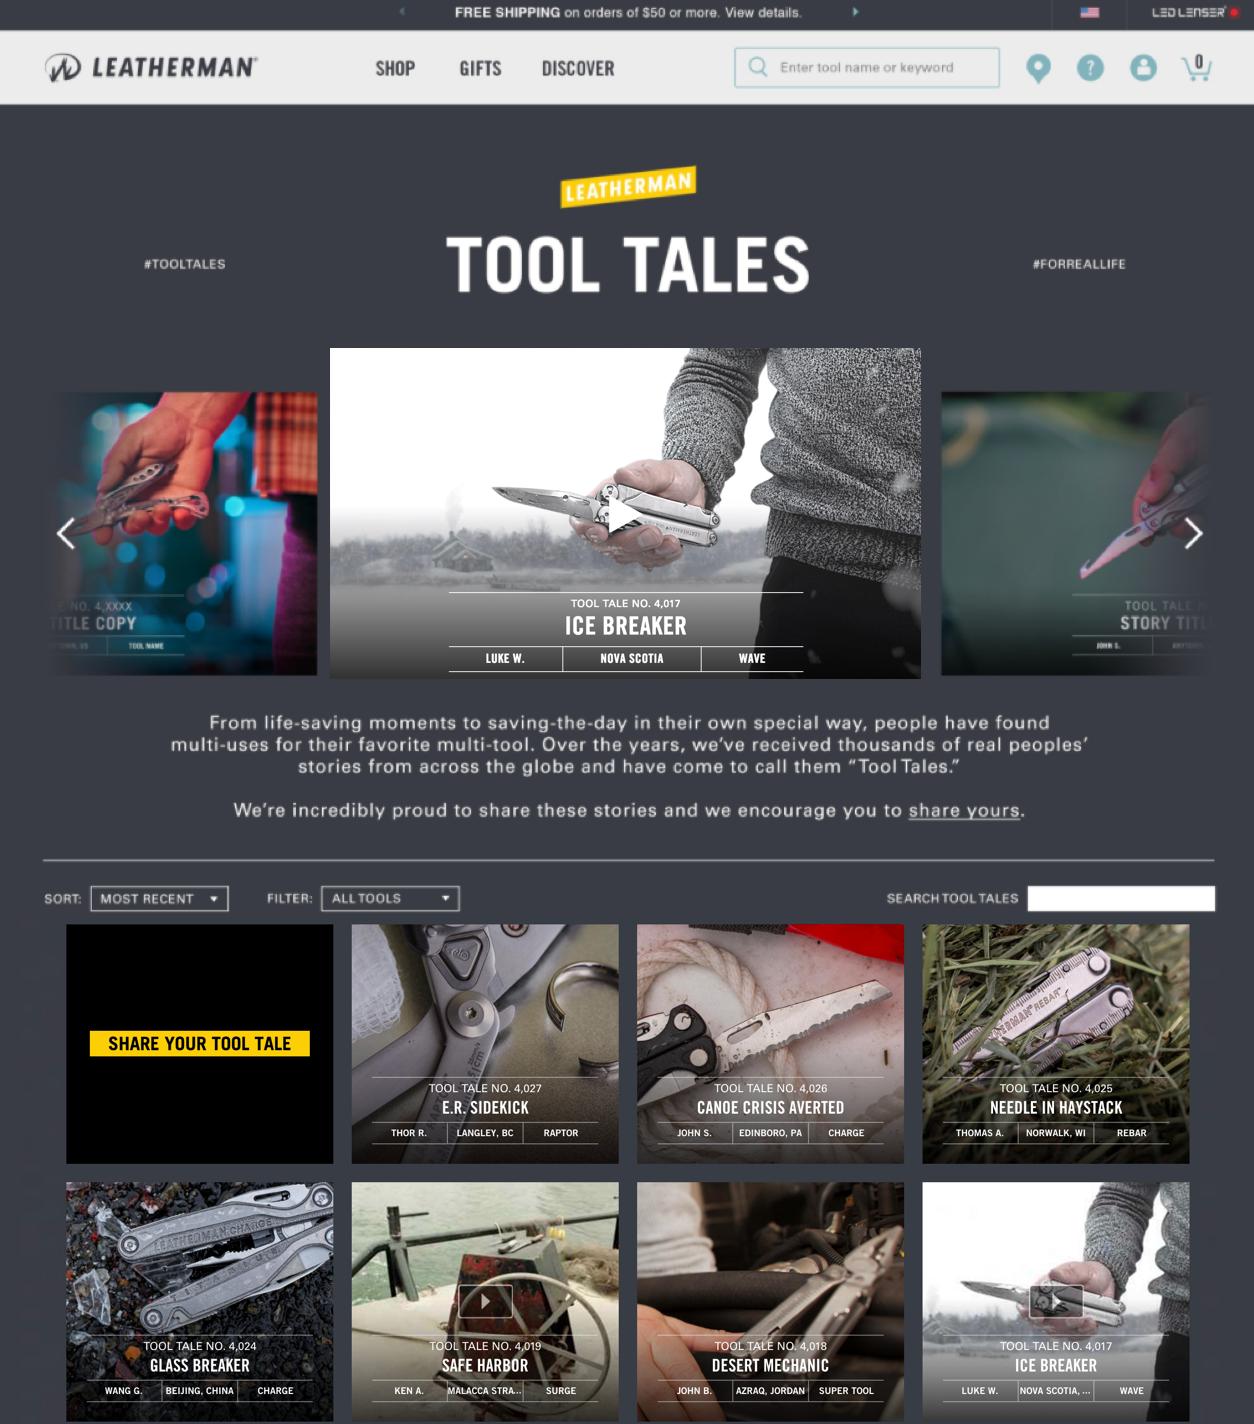 Tool Tales Gallery